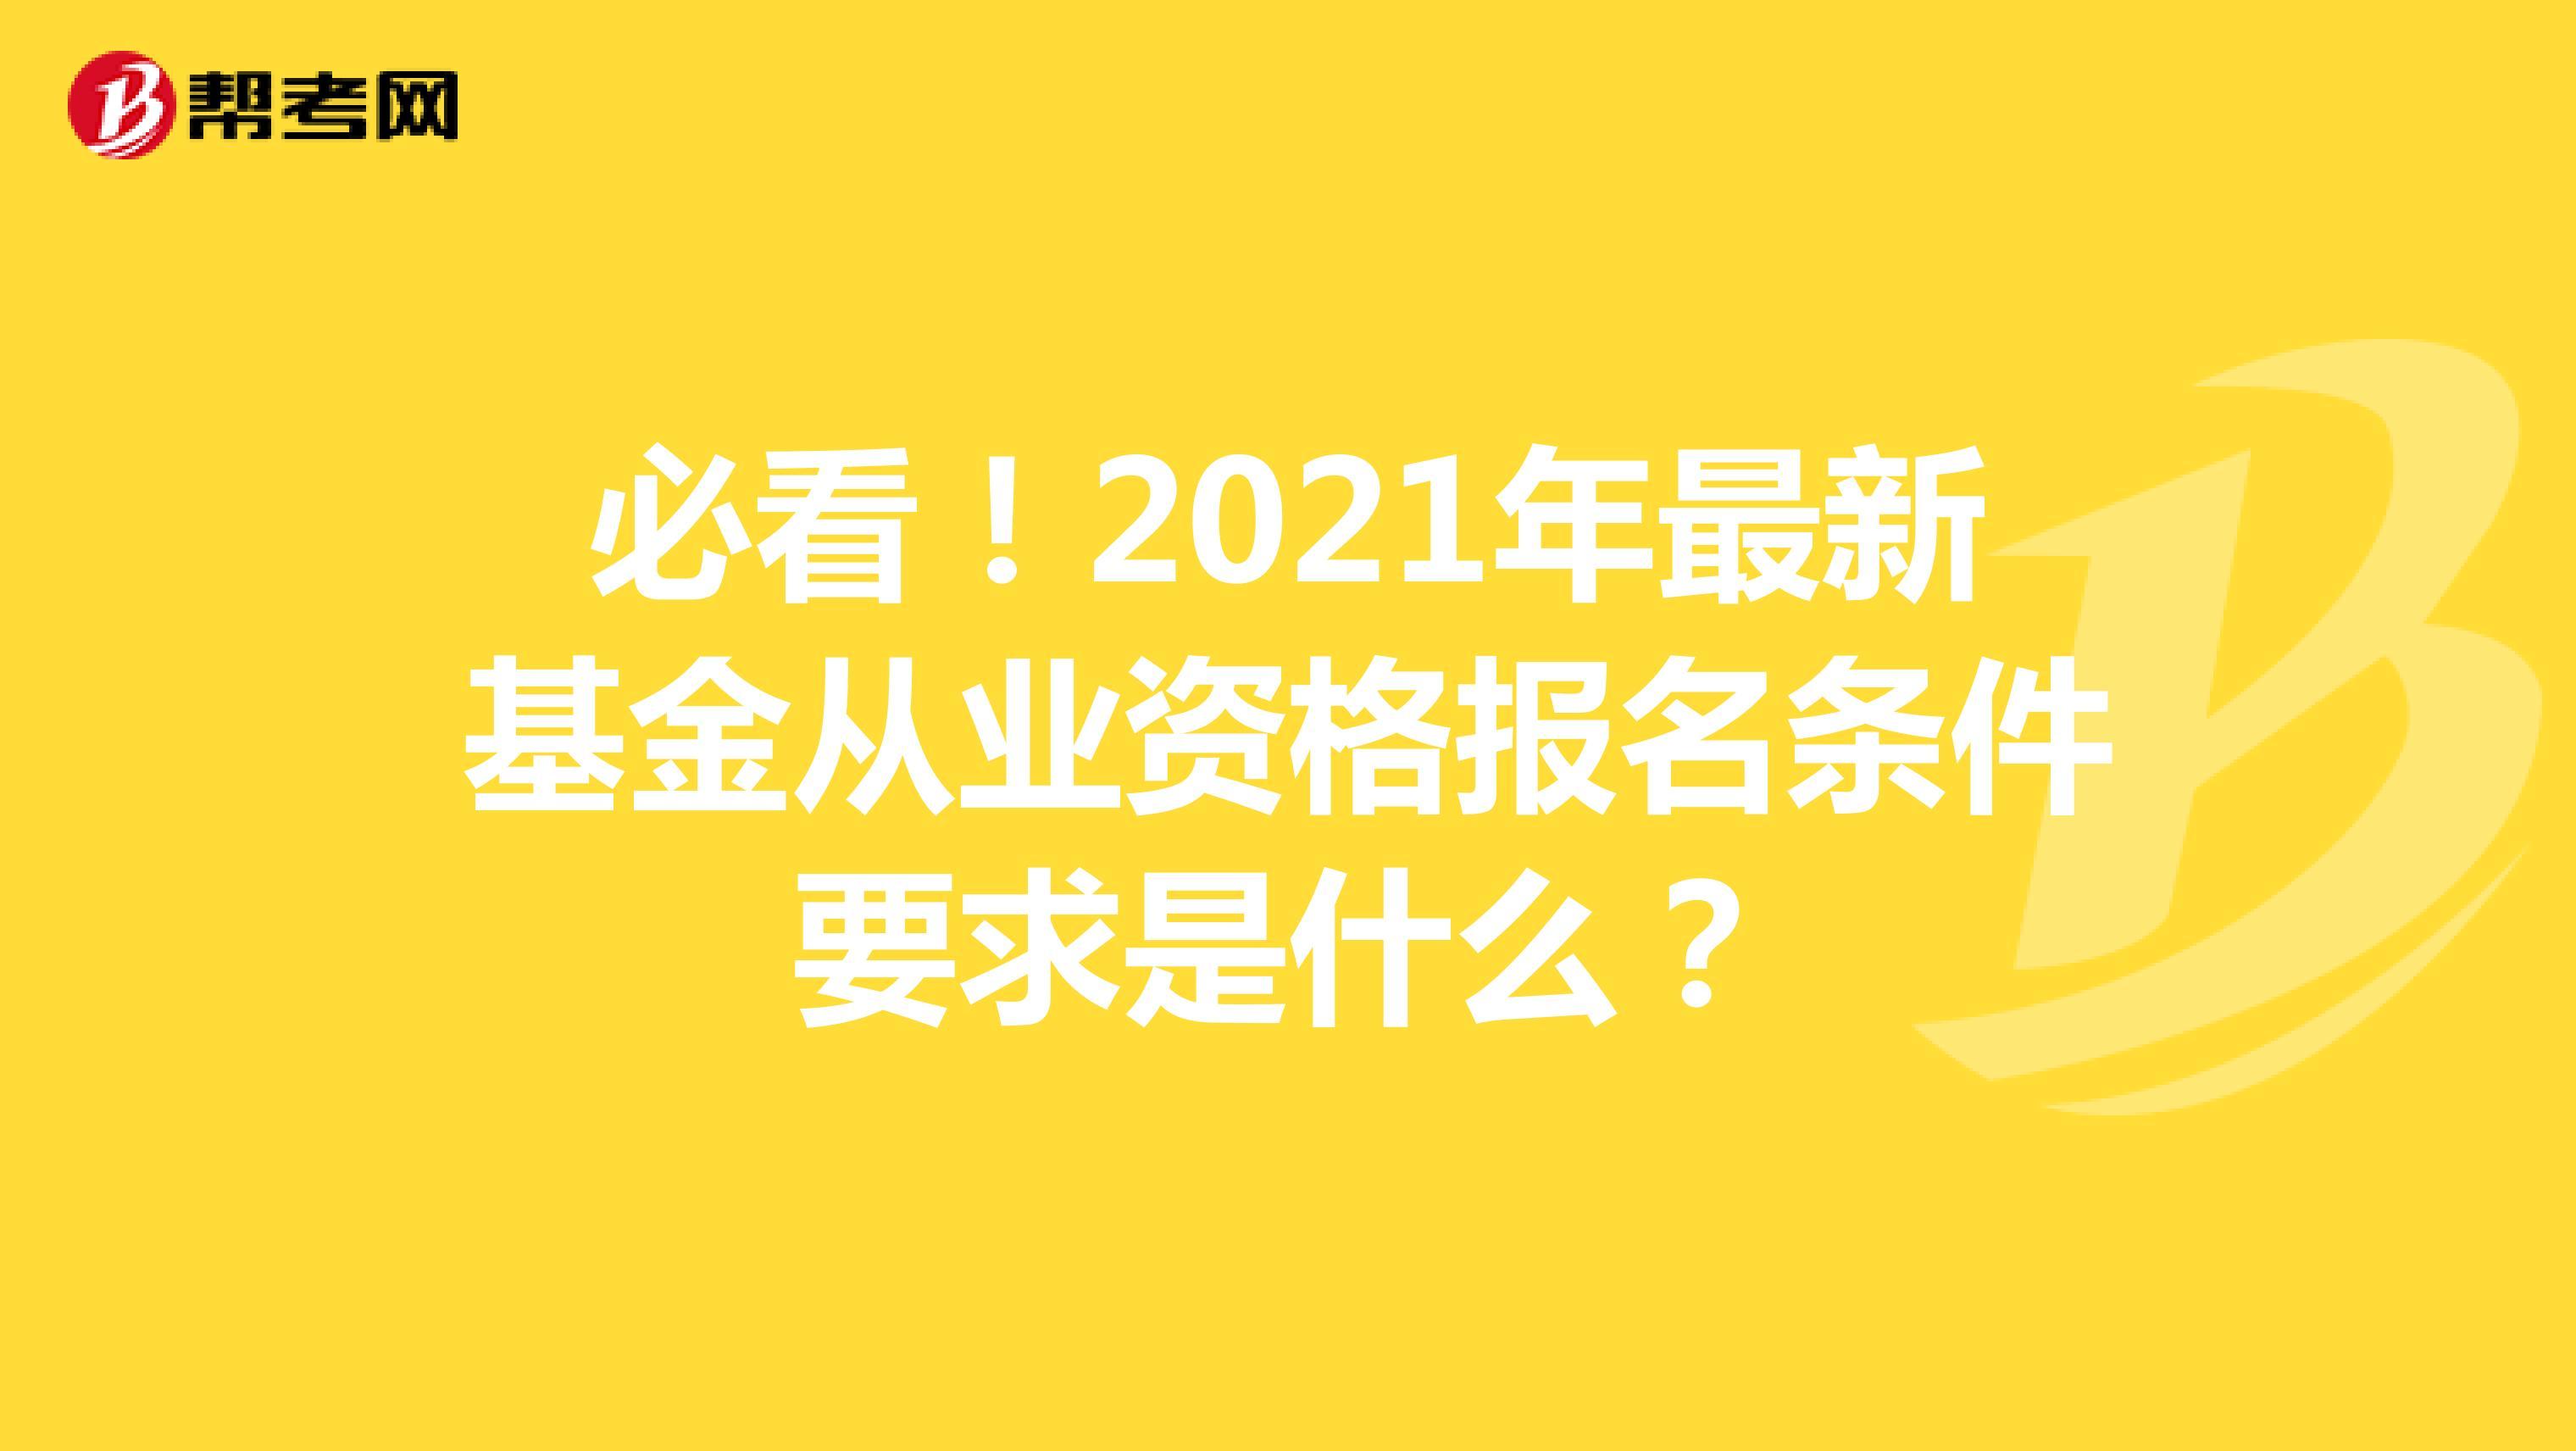 必看!2021年最新基金从业资格报名条件要求是什么?